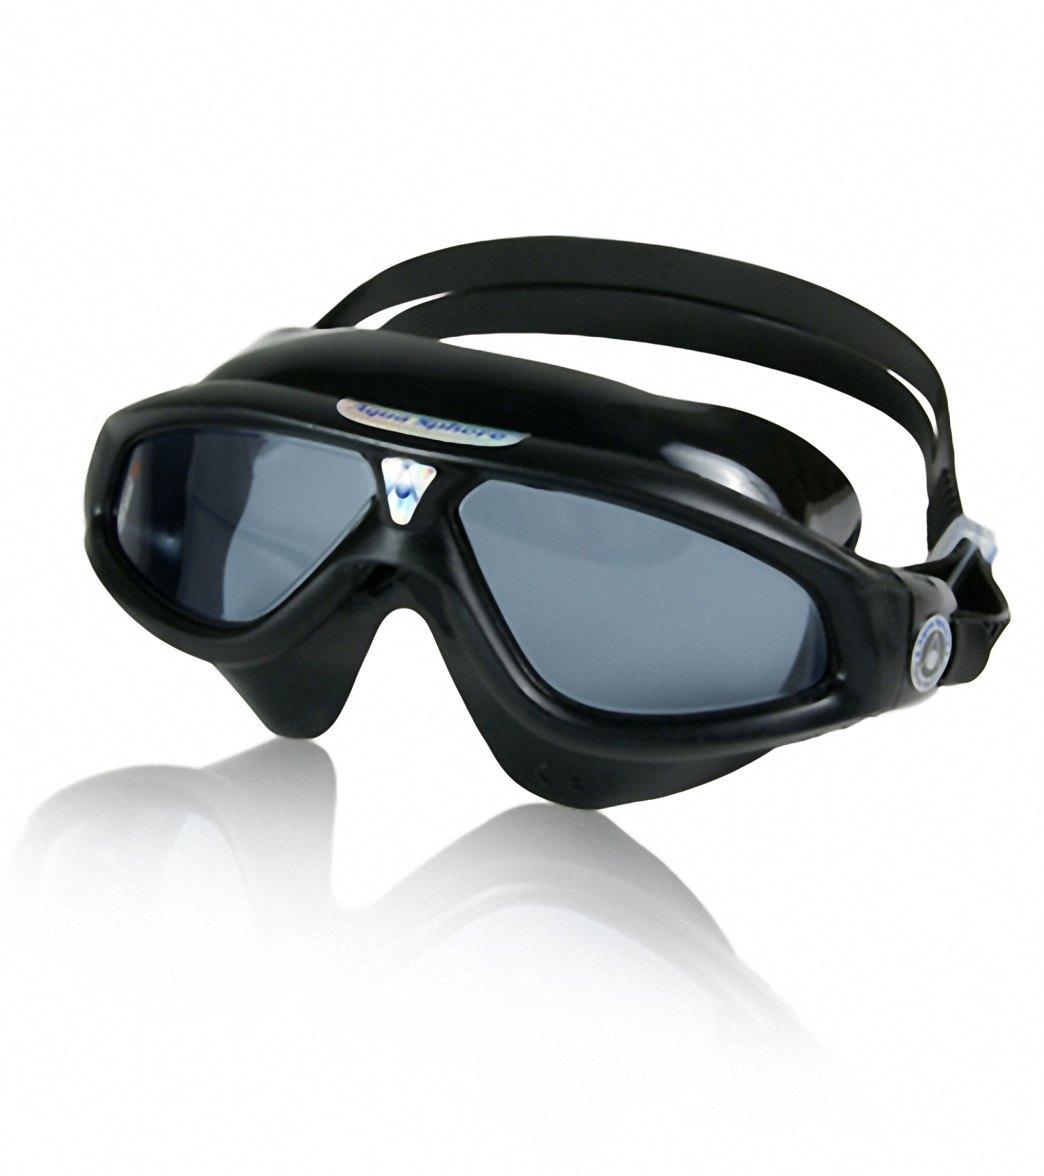 38704d2f41c Aqua Sphere Seal XP Goggle Tint Lens at SwimOutlet.com